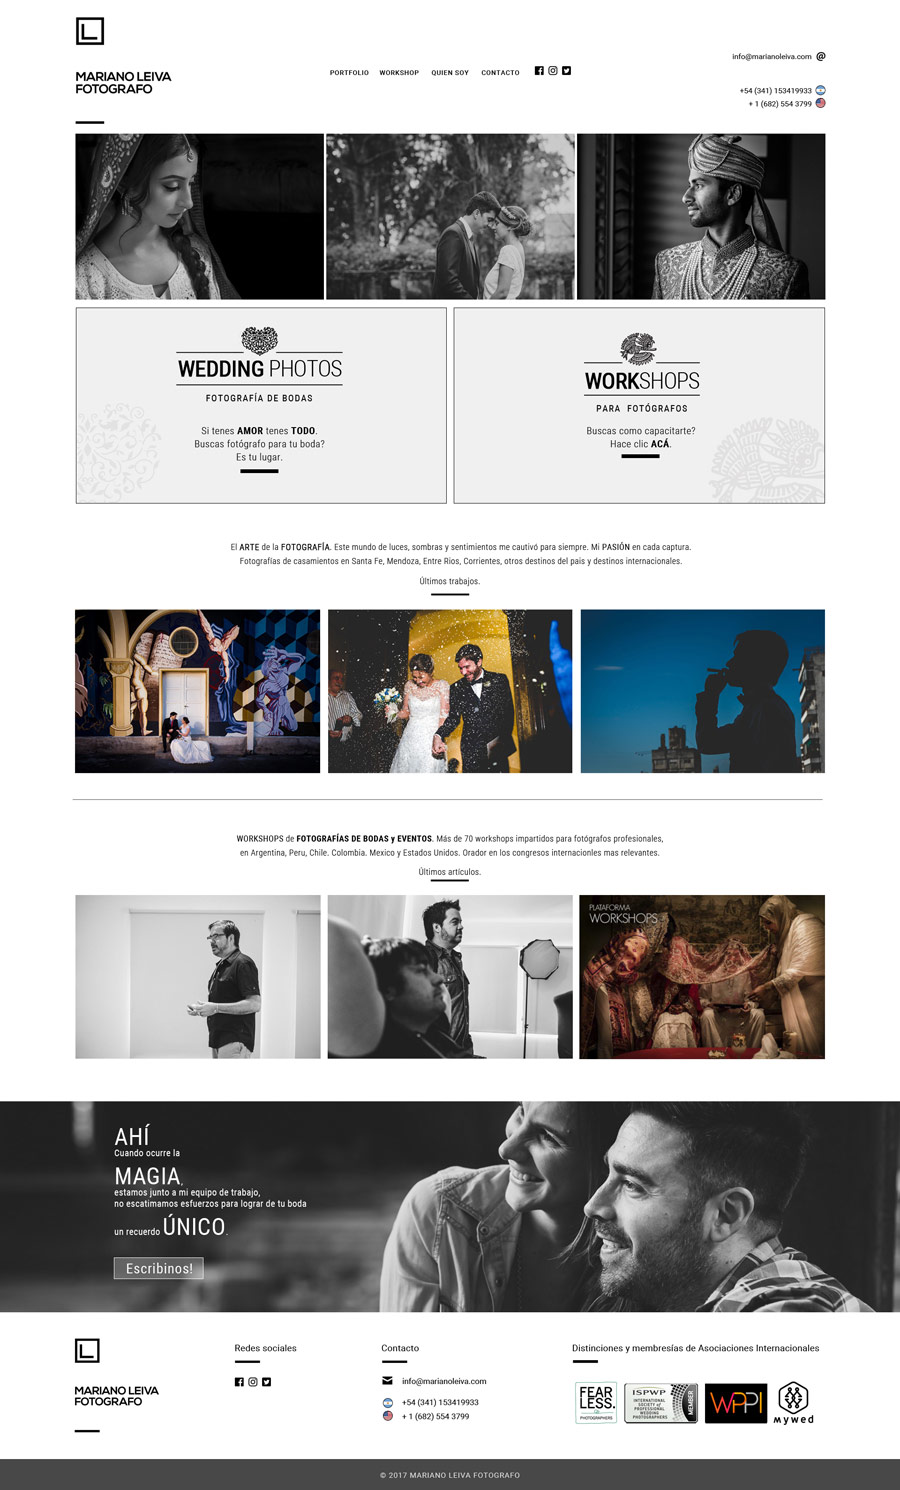 Página web realizada por La Vuelta Web para el fotógrafo Mariano Leiva